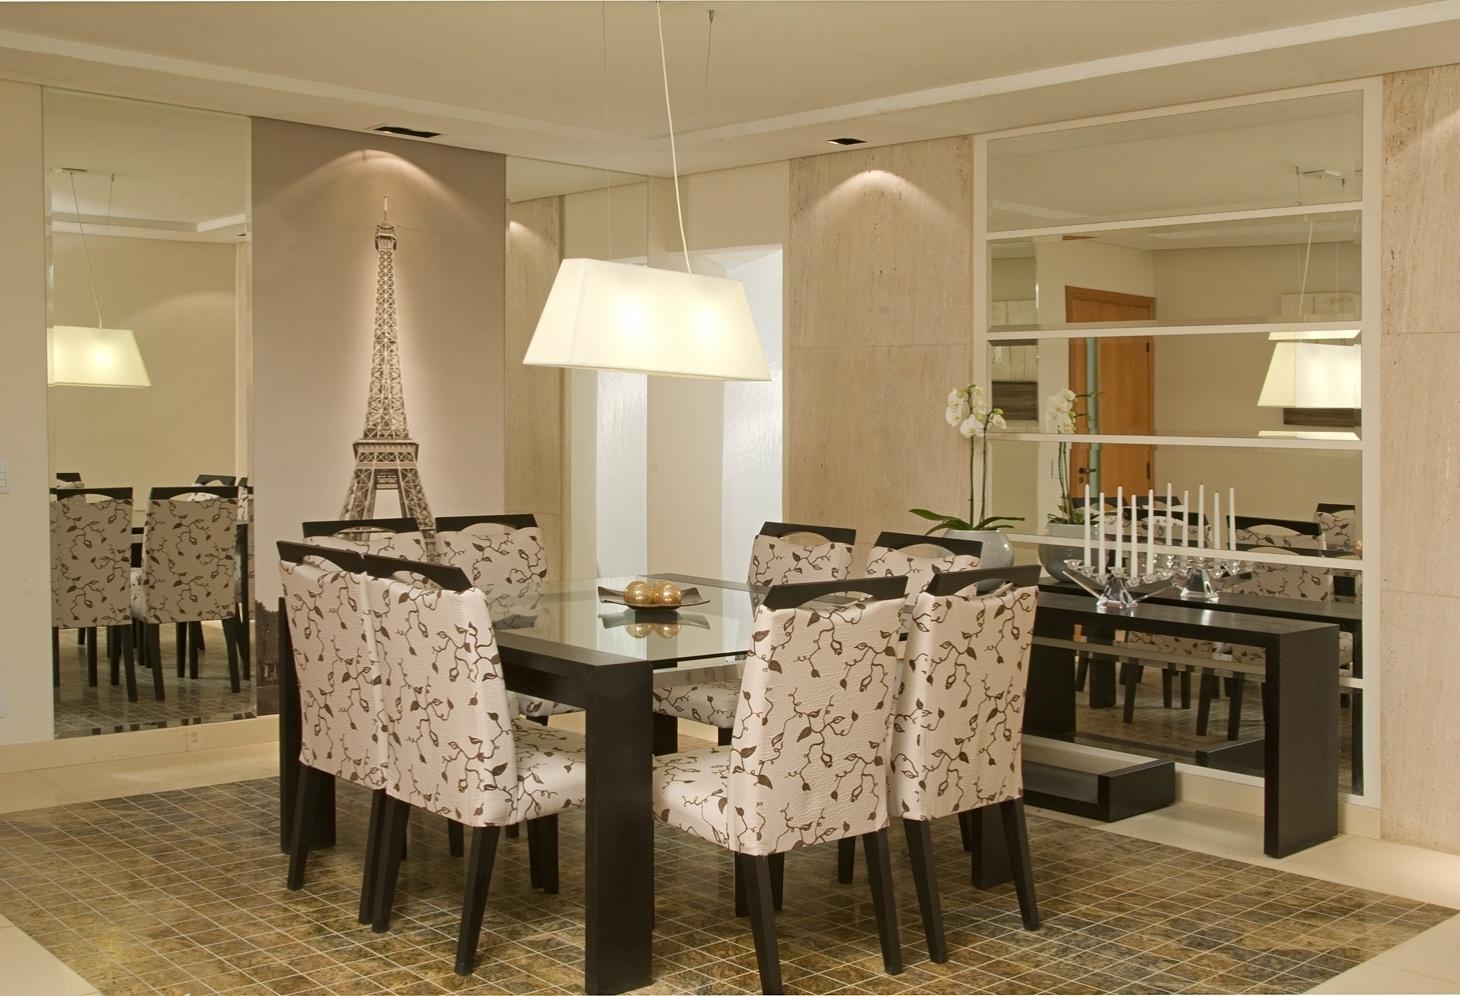 #634D2C Aqui disponibilizamos fotos de ambientes decorados por profissionais  1460x996 px Qual Deve Ser A Altura De Um Balcão De Cozinha Americana #985 imagens